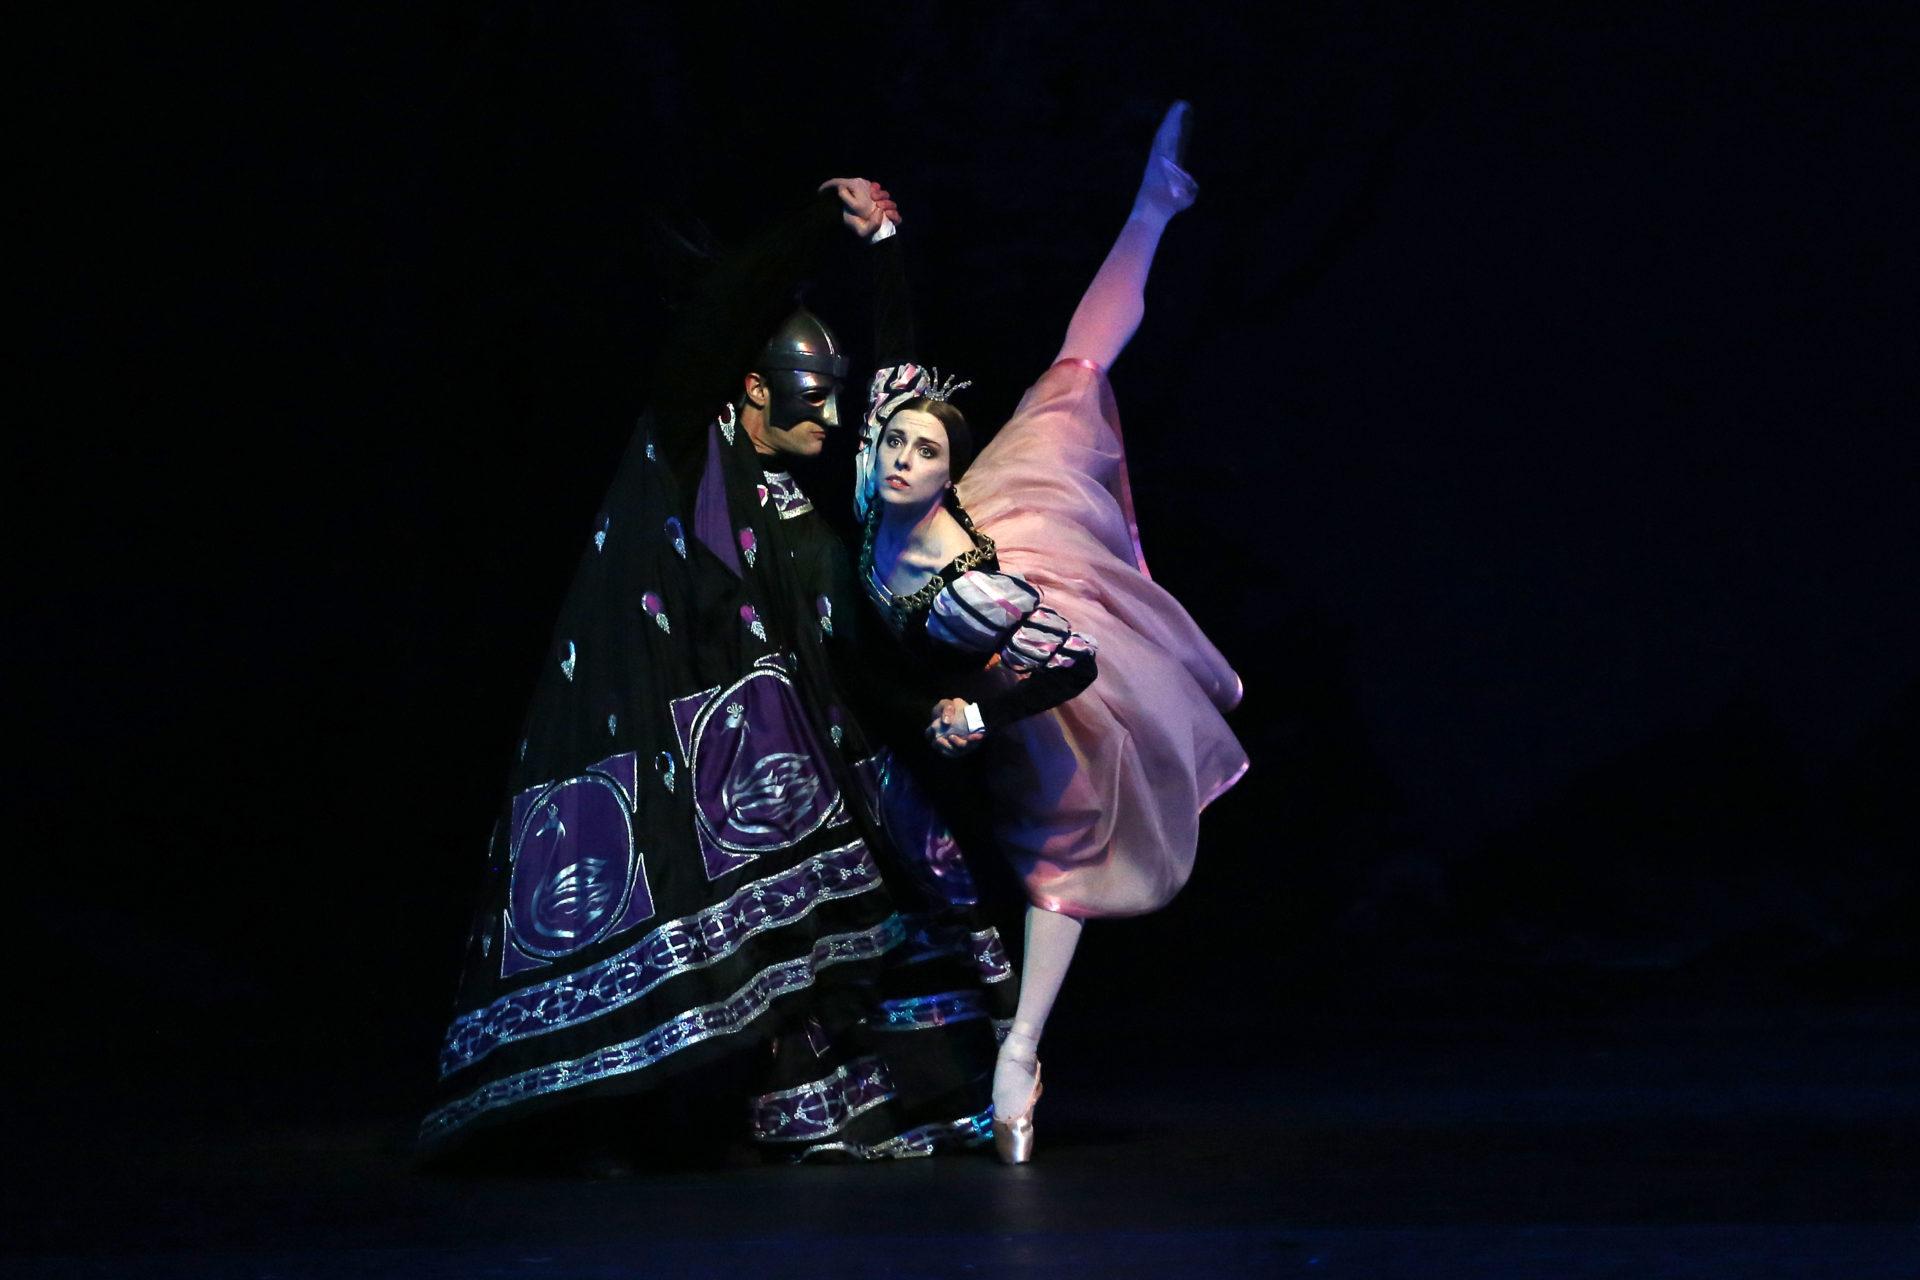 1804_Illusionen_wie_Schwanensee_HH_Ballett_AnjaBeutler.de_02